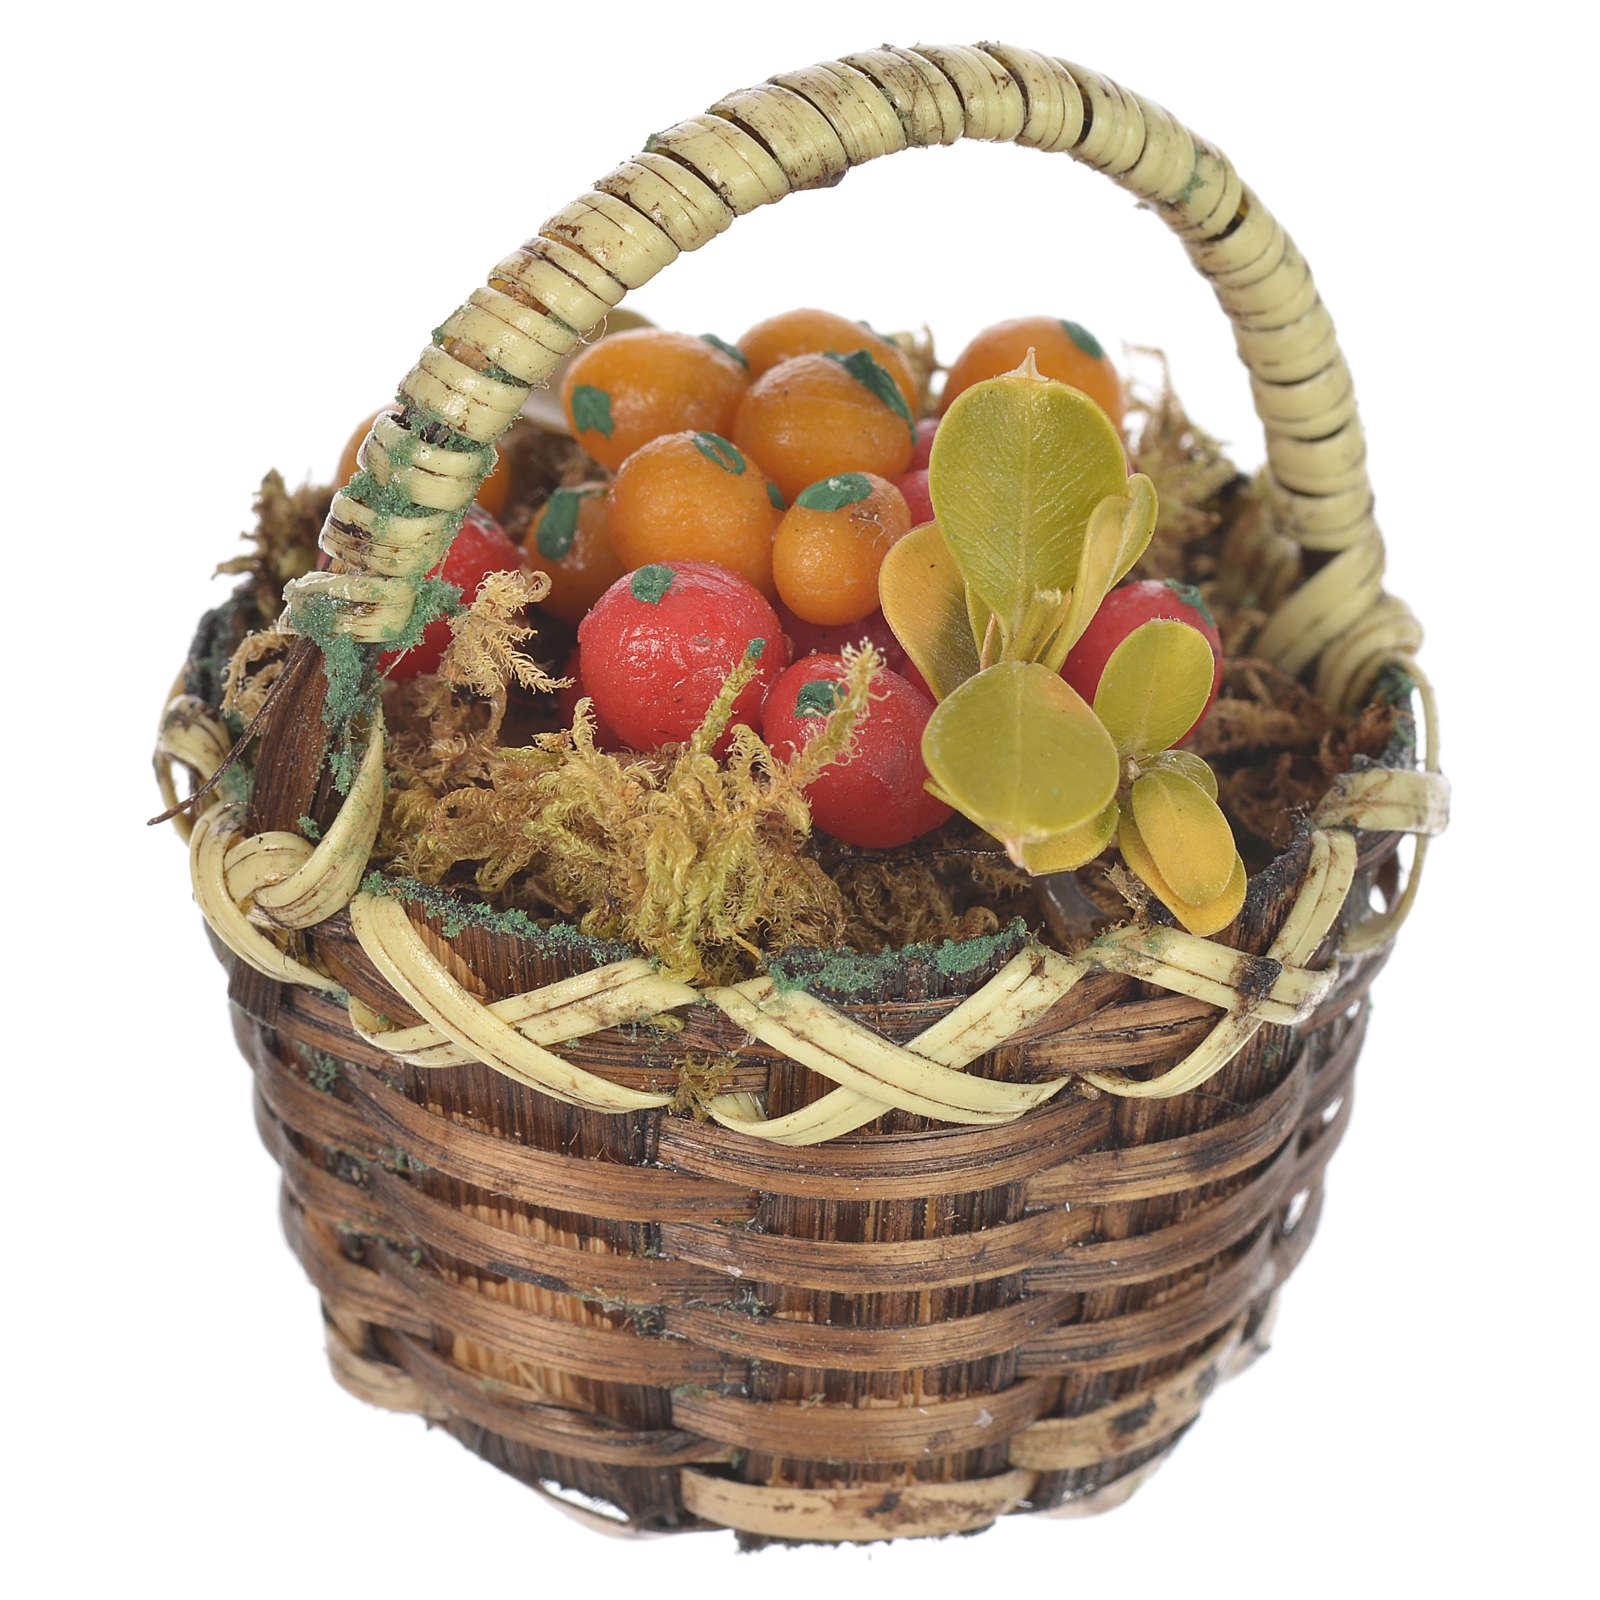 Cesto con fruta mixta belén para figuras 20-24 cm 4